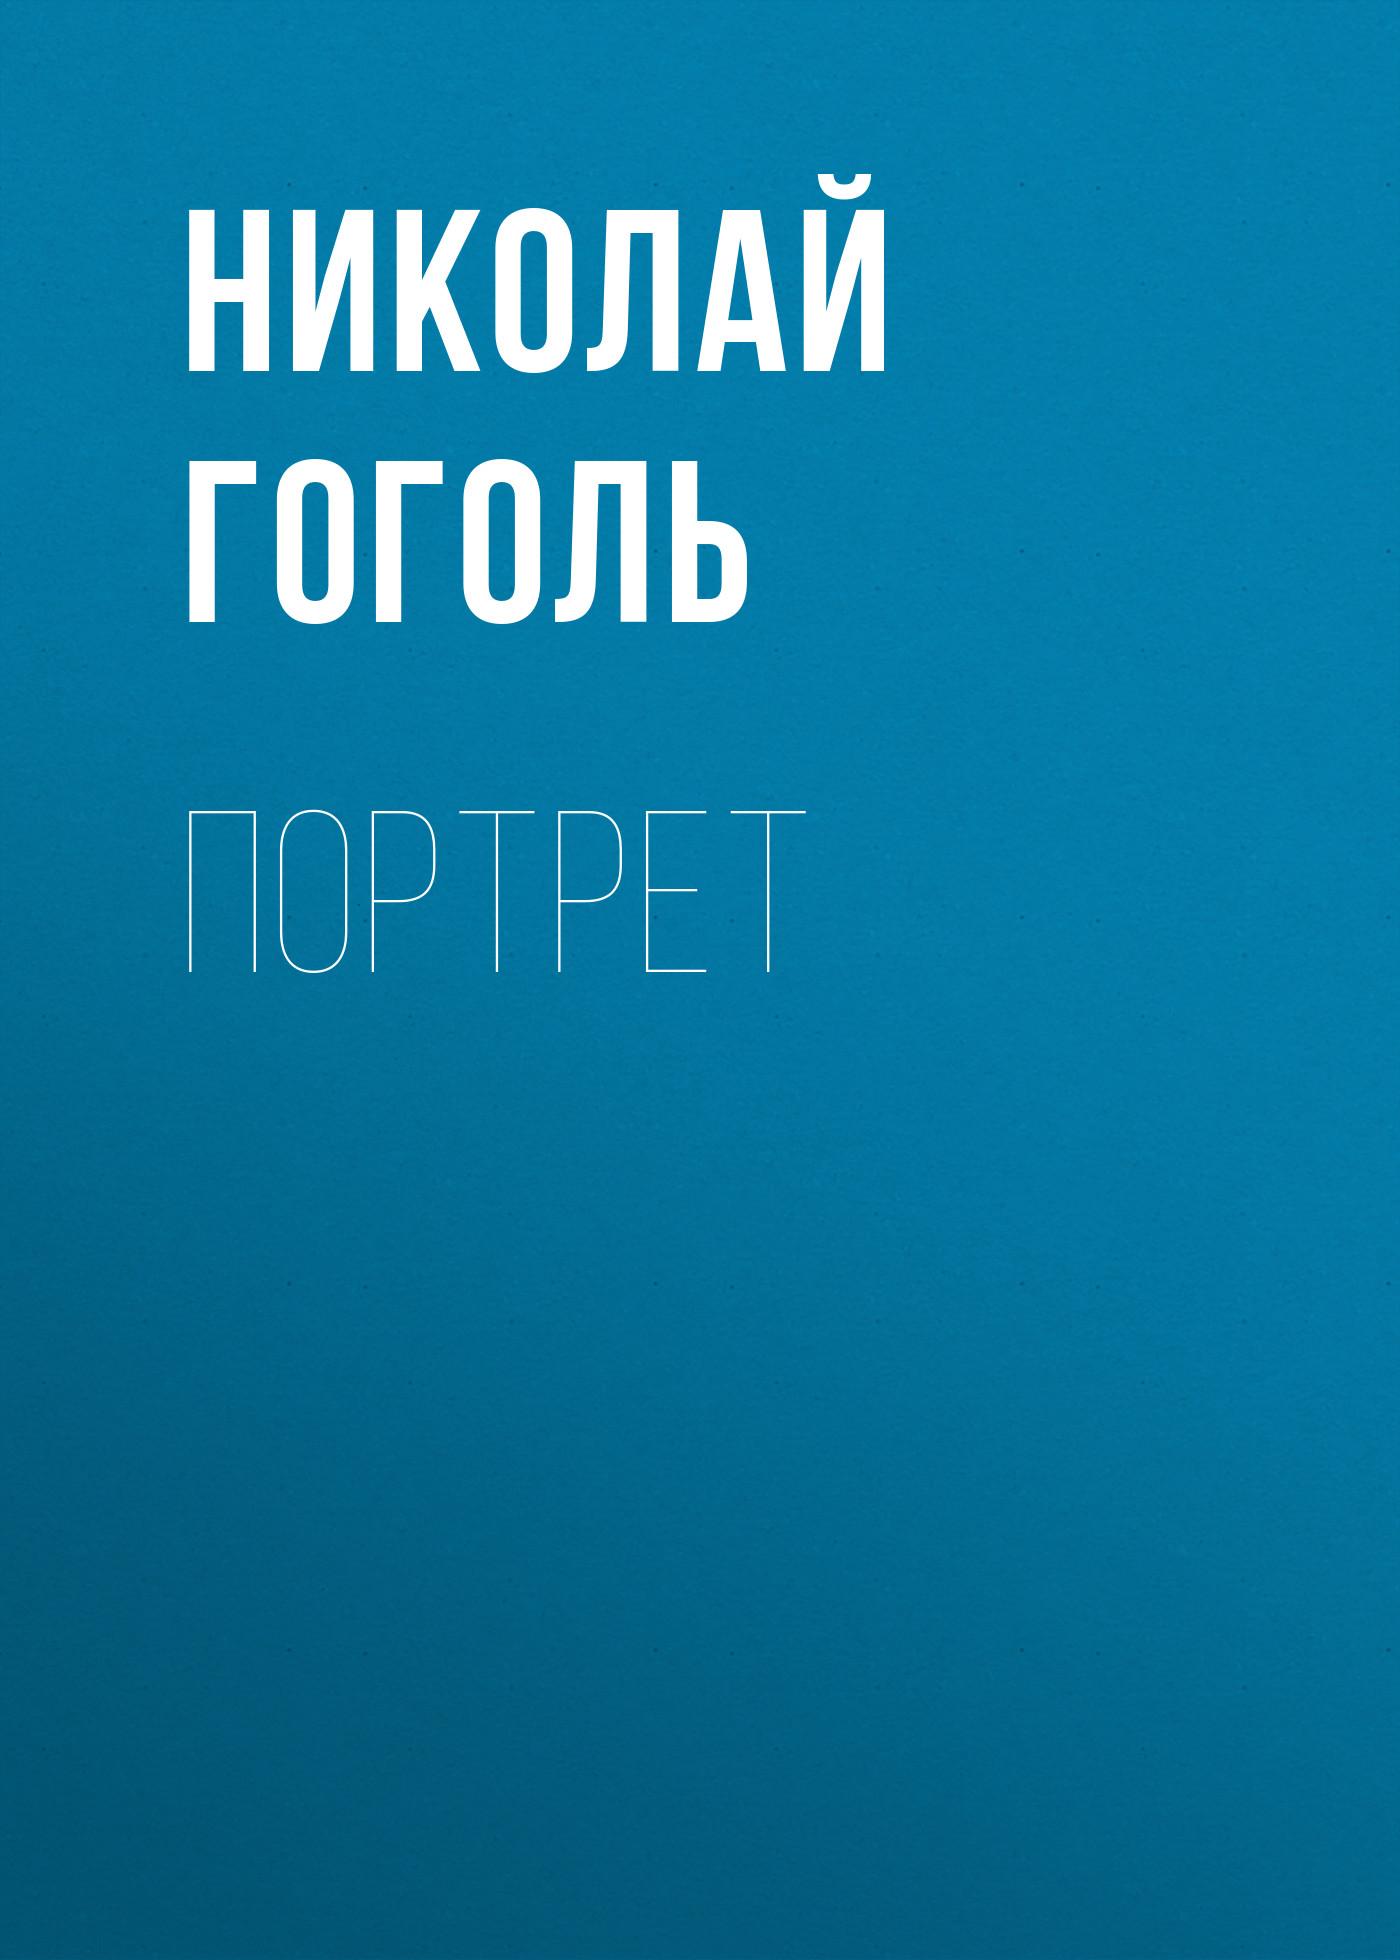 Купить книгу Портрет, автора Николая Гоголя